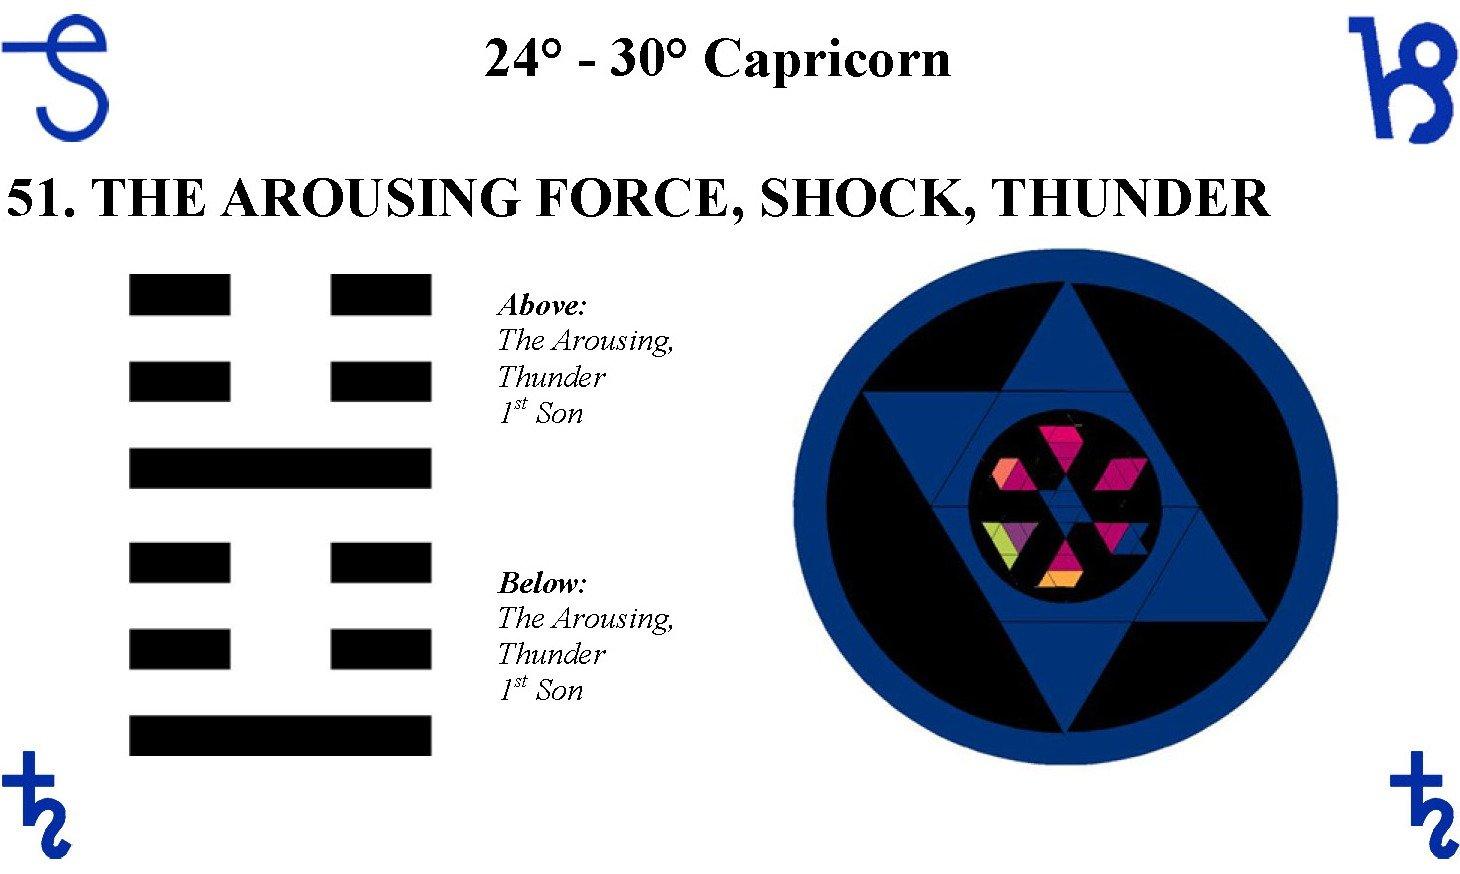 Hx51-Arousing-Force